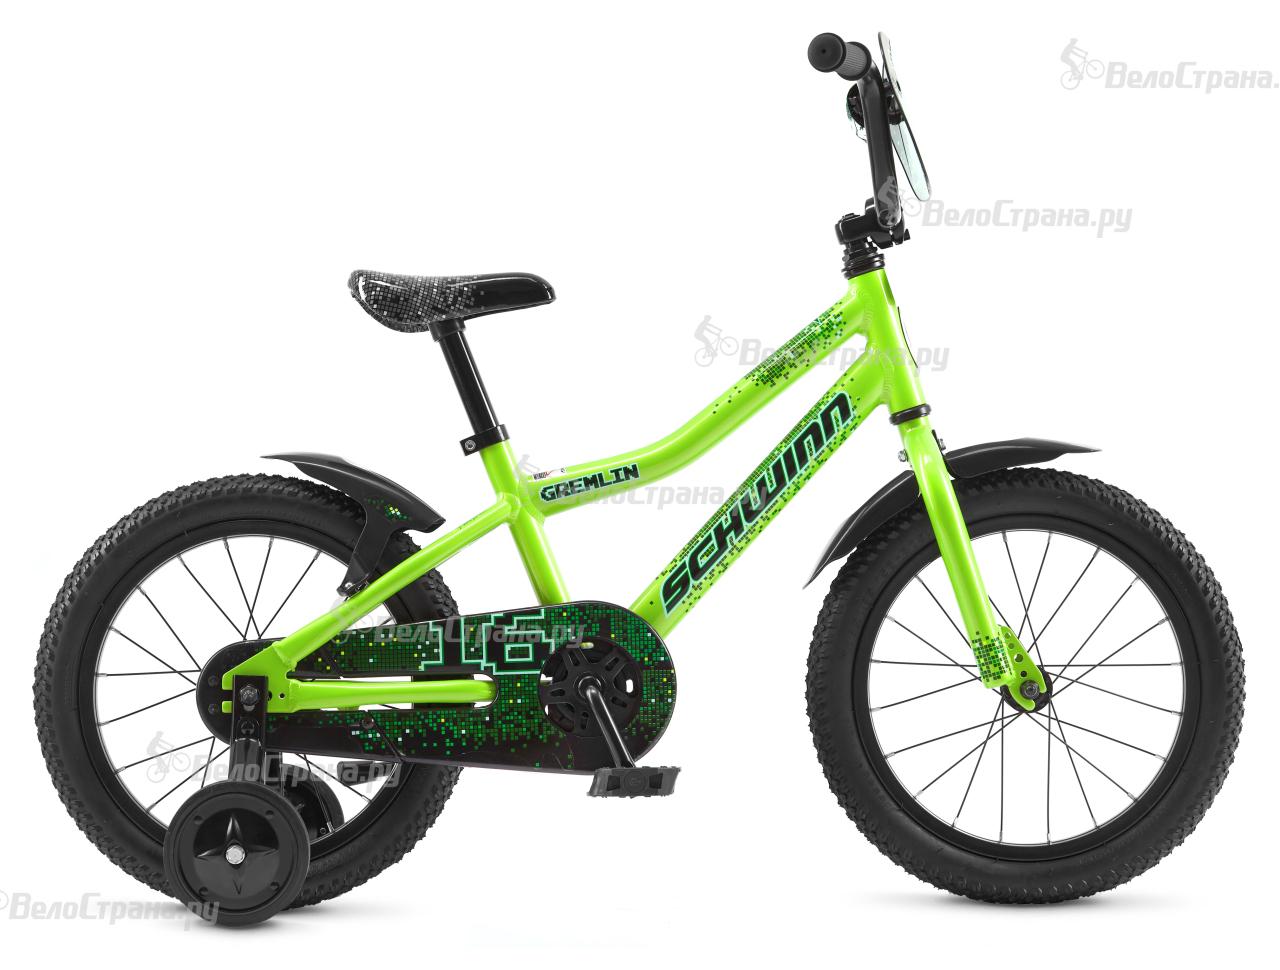 Велосипед Schwinn GREMLIN 16 (2018) велосипед schwinn debutante 2018